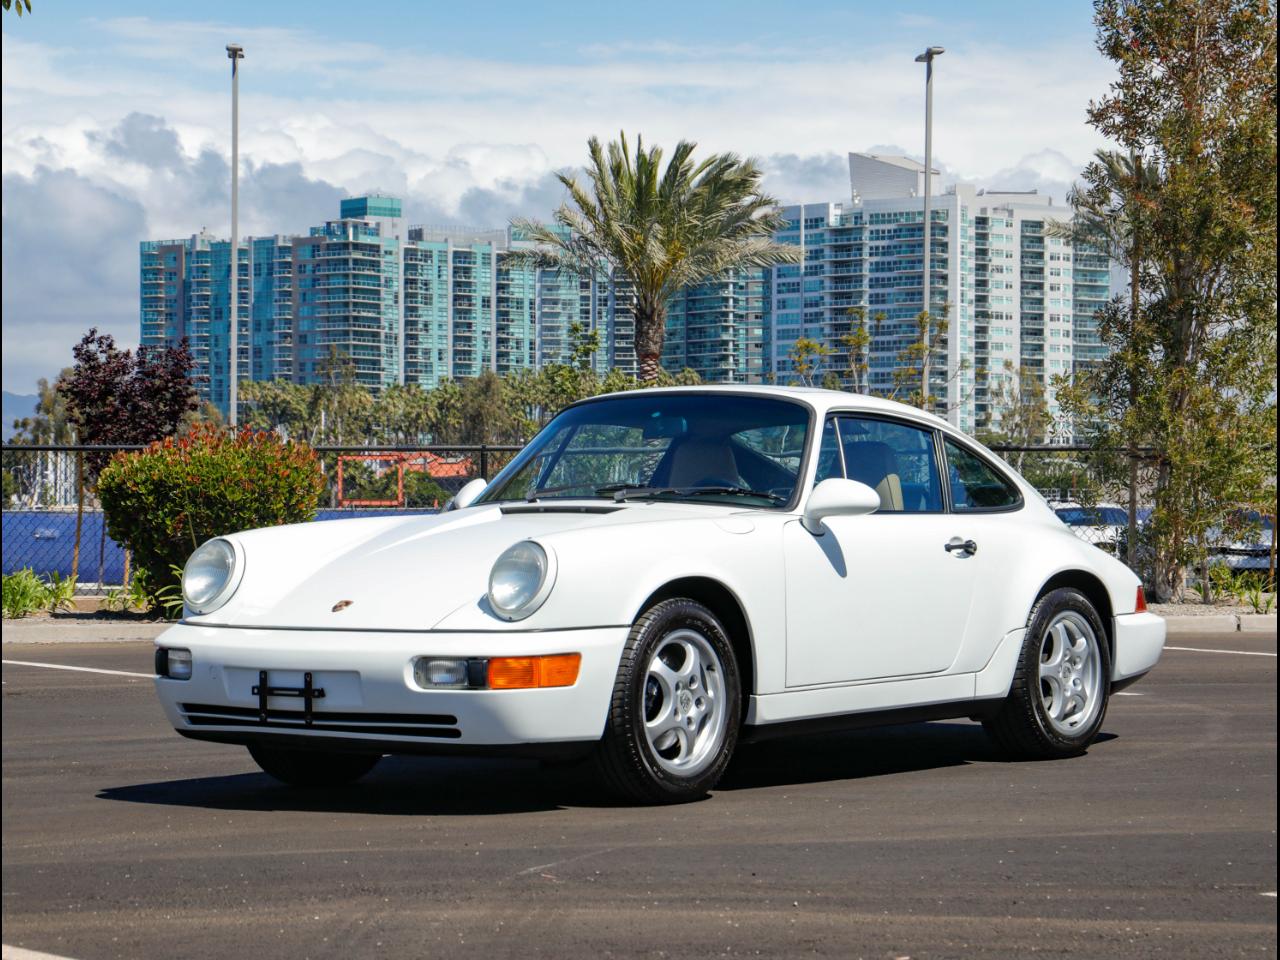 1992 Porsche 964 C2 Series 2 Coupe